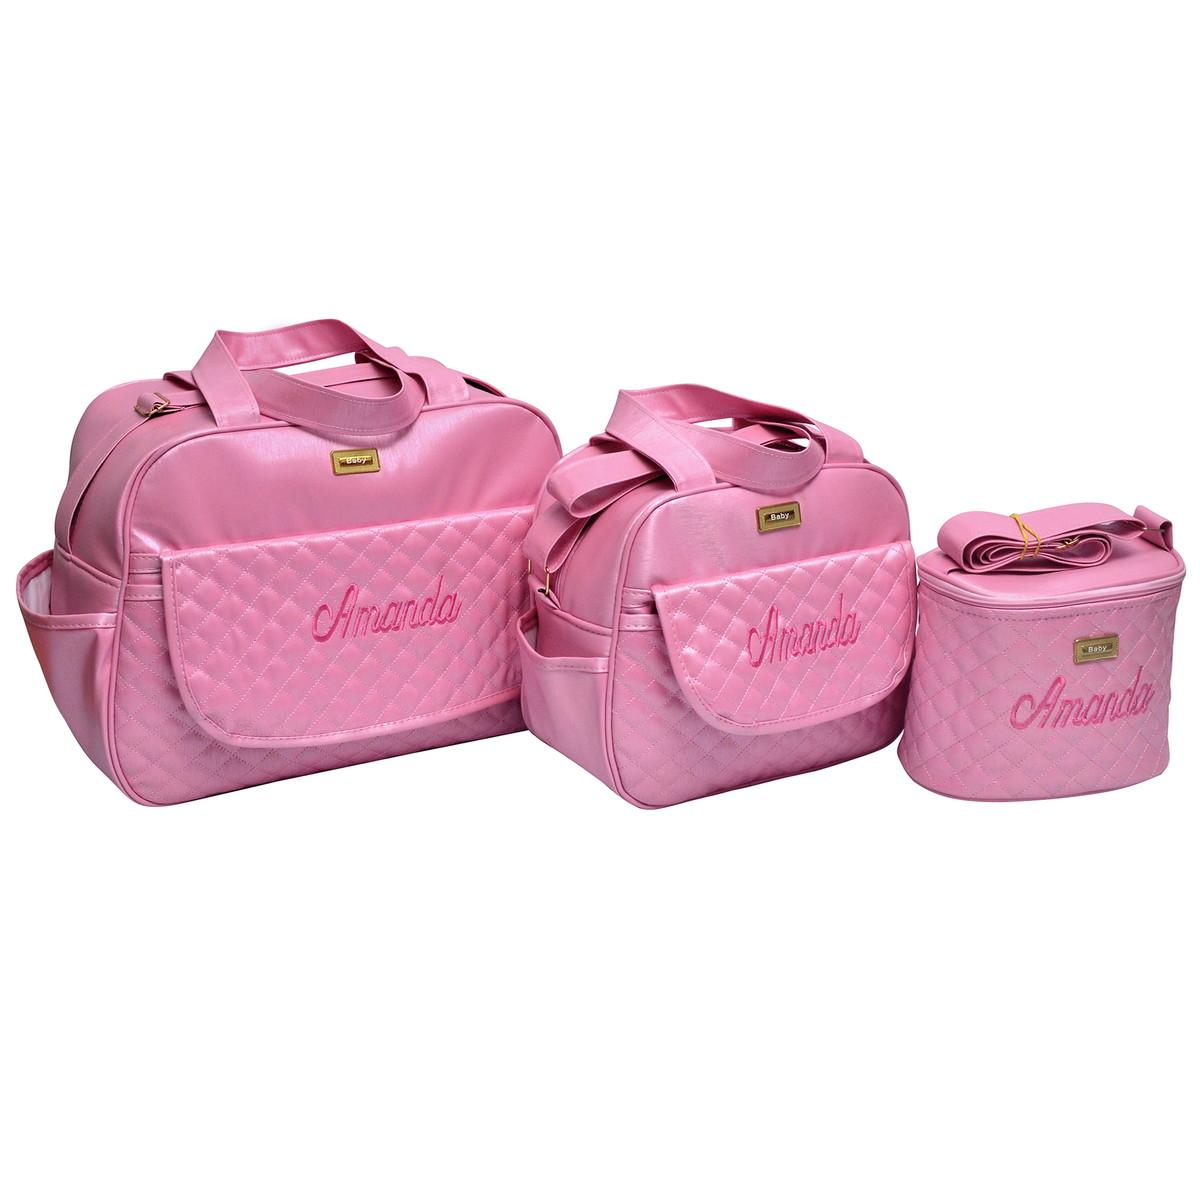 74f57c664 Kit Bolsa Bebê Para Saída Maternidade Menina 3 Peças Luxo no Elo7 ...